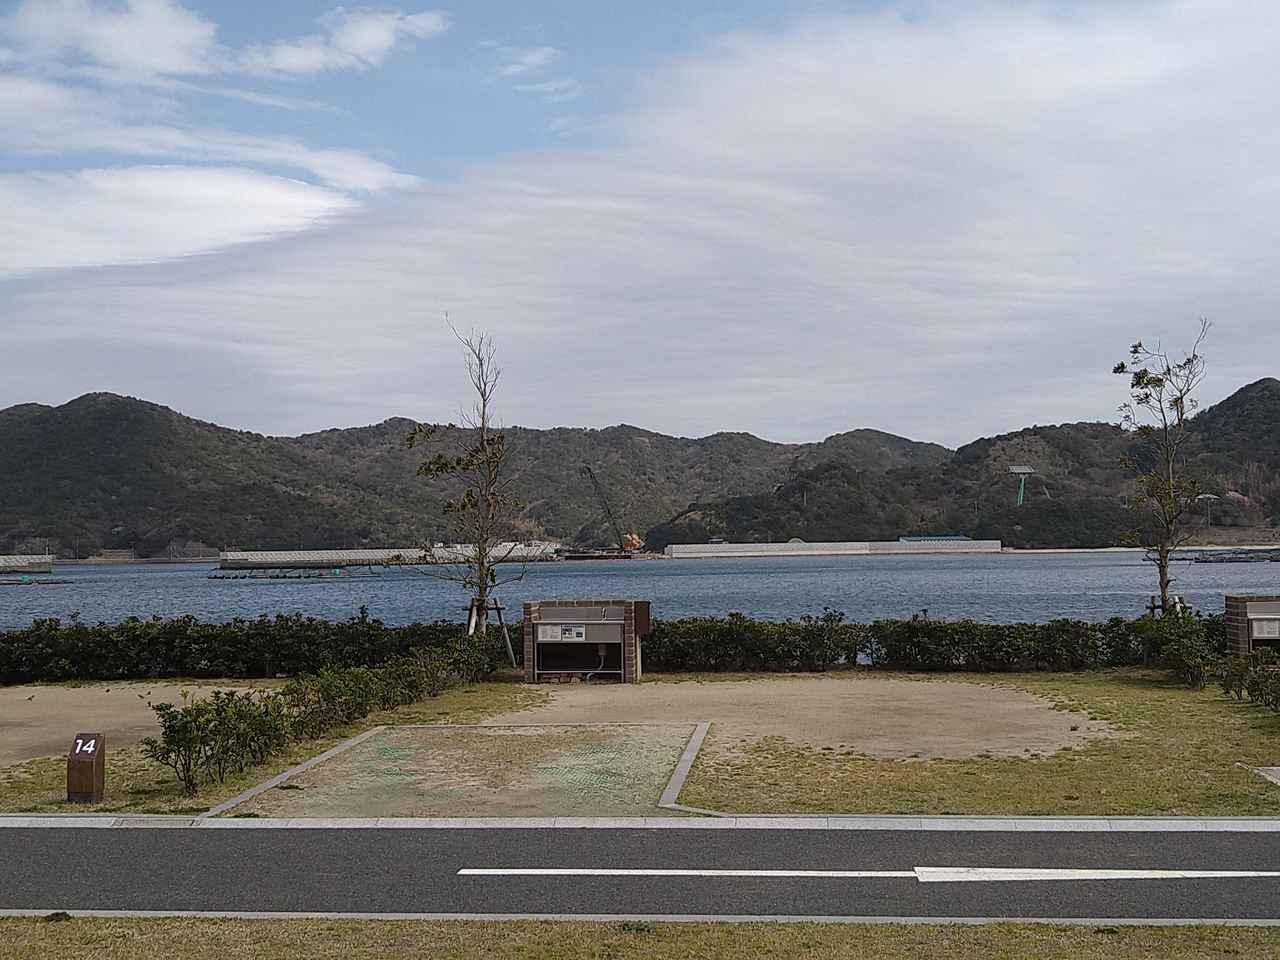 【淡路島】休暇村「南淡路シーサイドキャンプ場」は高規格で海釣りも!ファミリーに最適